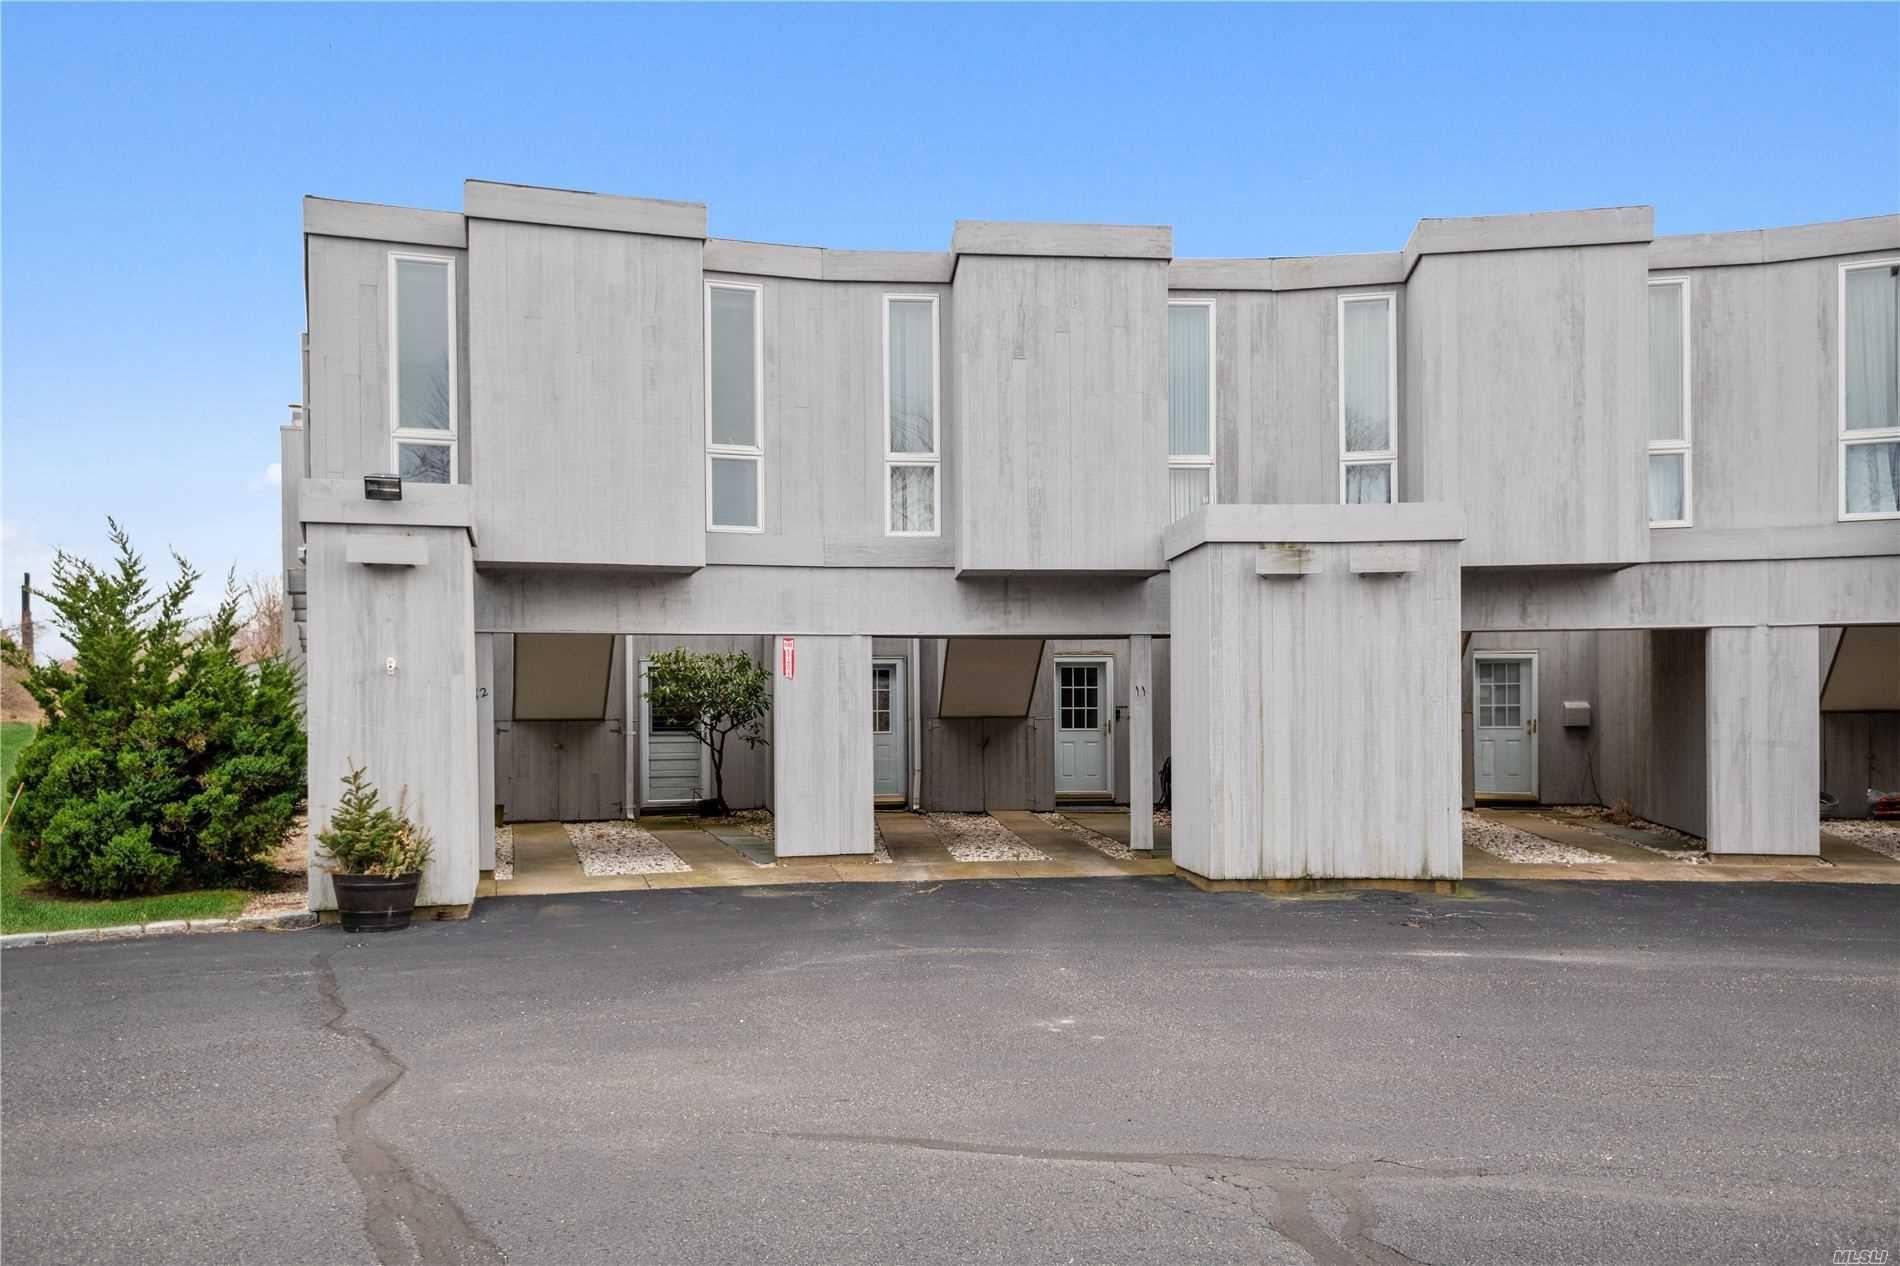 29 Fairway Place #11, Montauk, NY 11954 - MLS#: 3227546